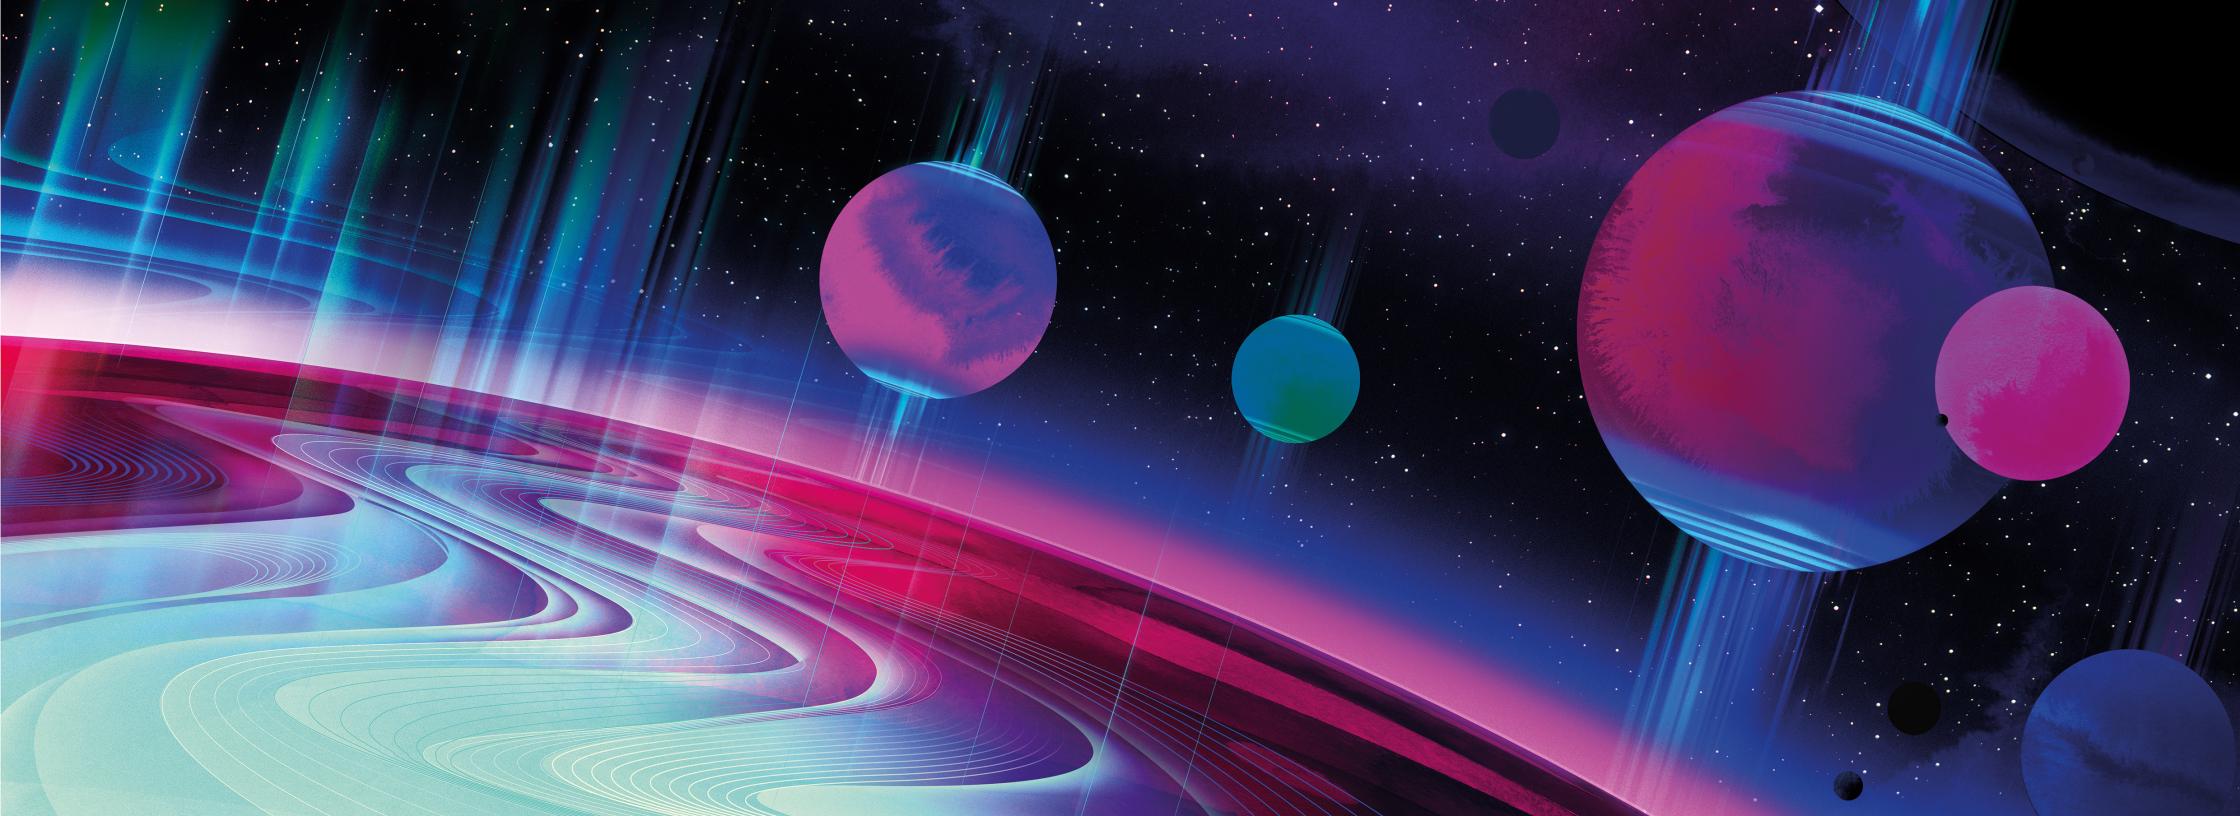 Extraterrestrial Aurora